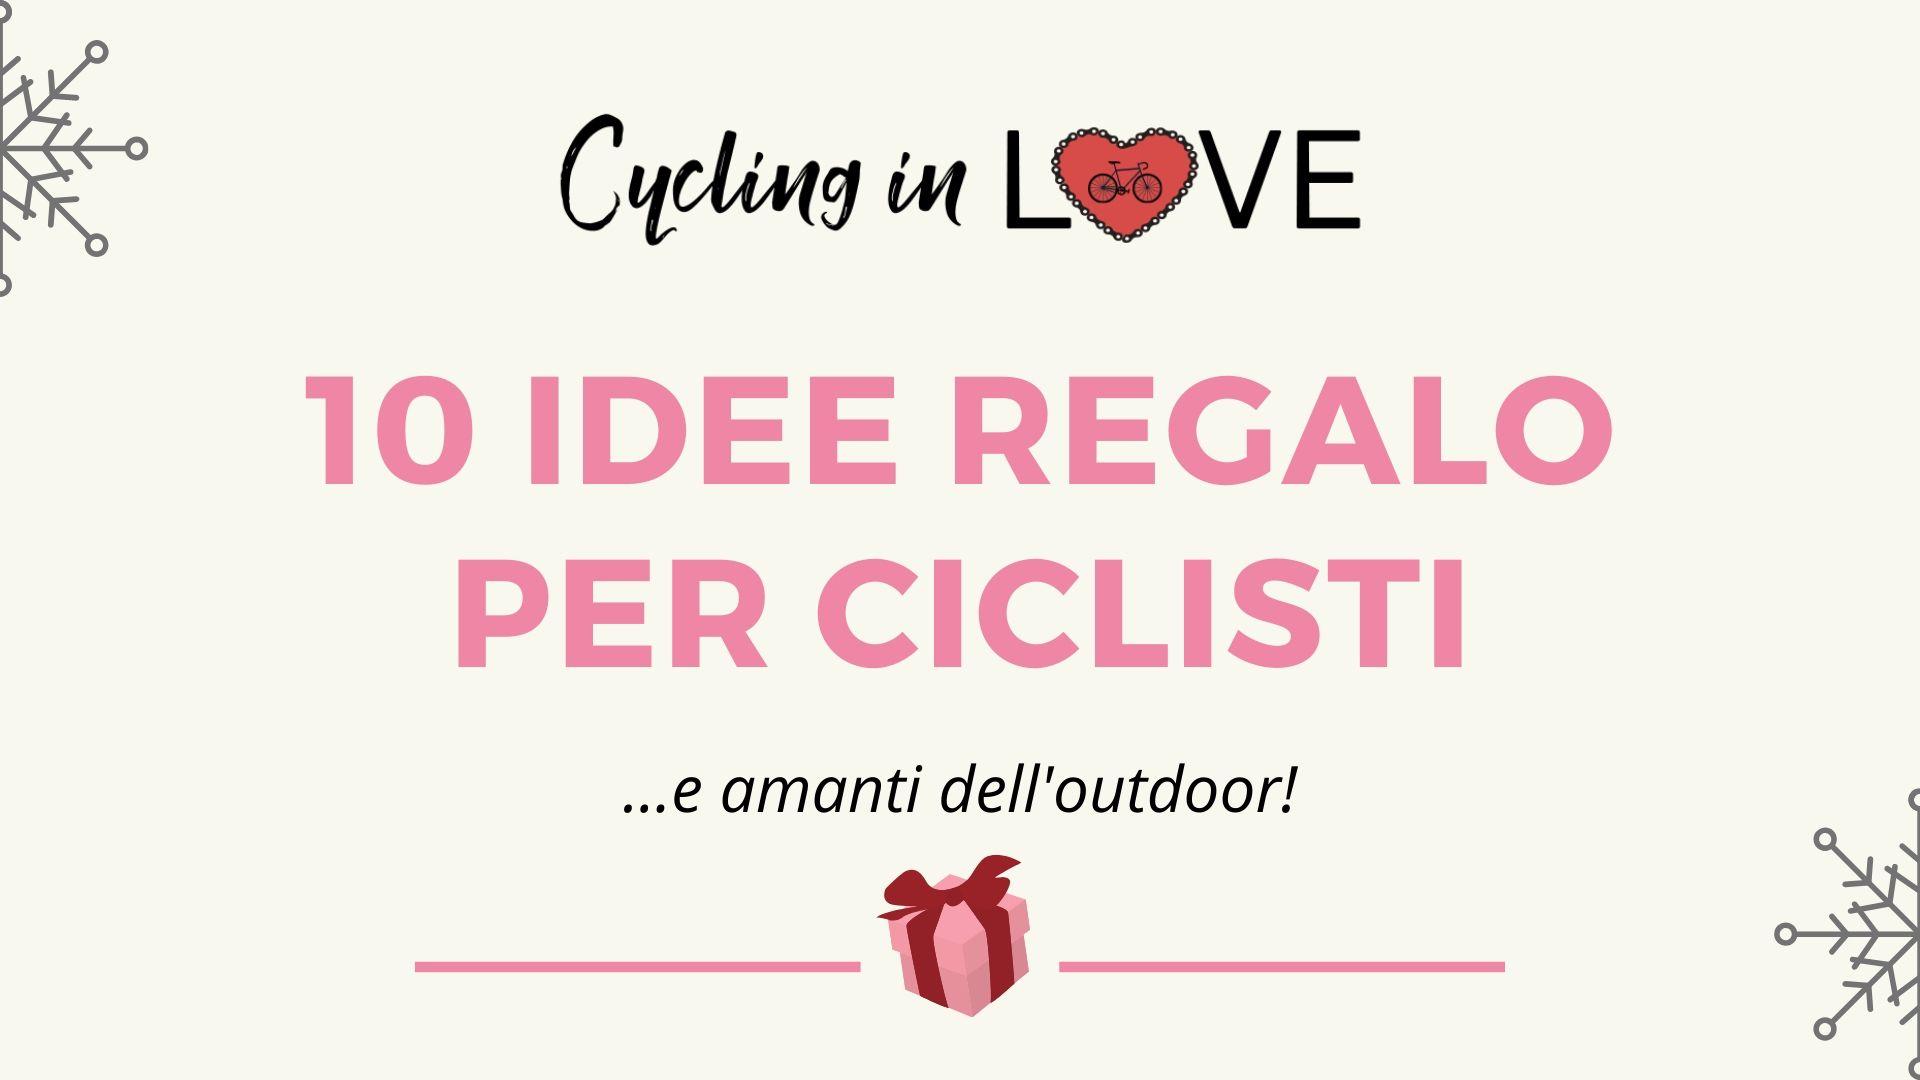 Idee regalo per ciclisti su strada e amanti dell'outdoor: gift guide 2019